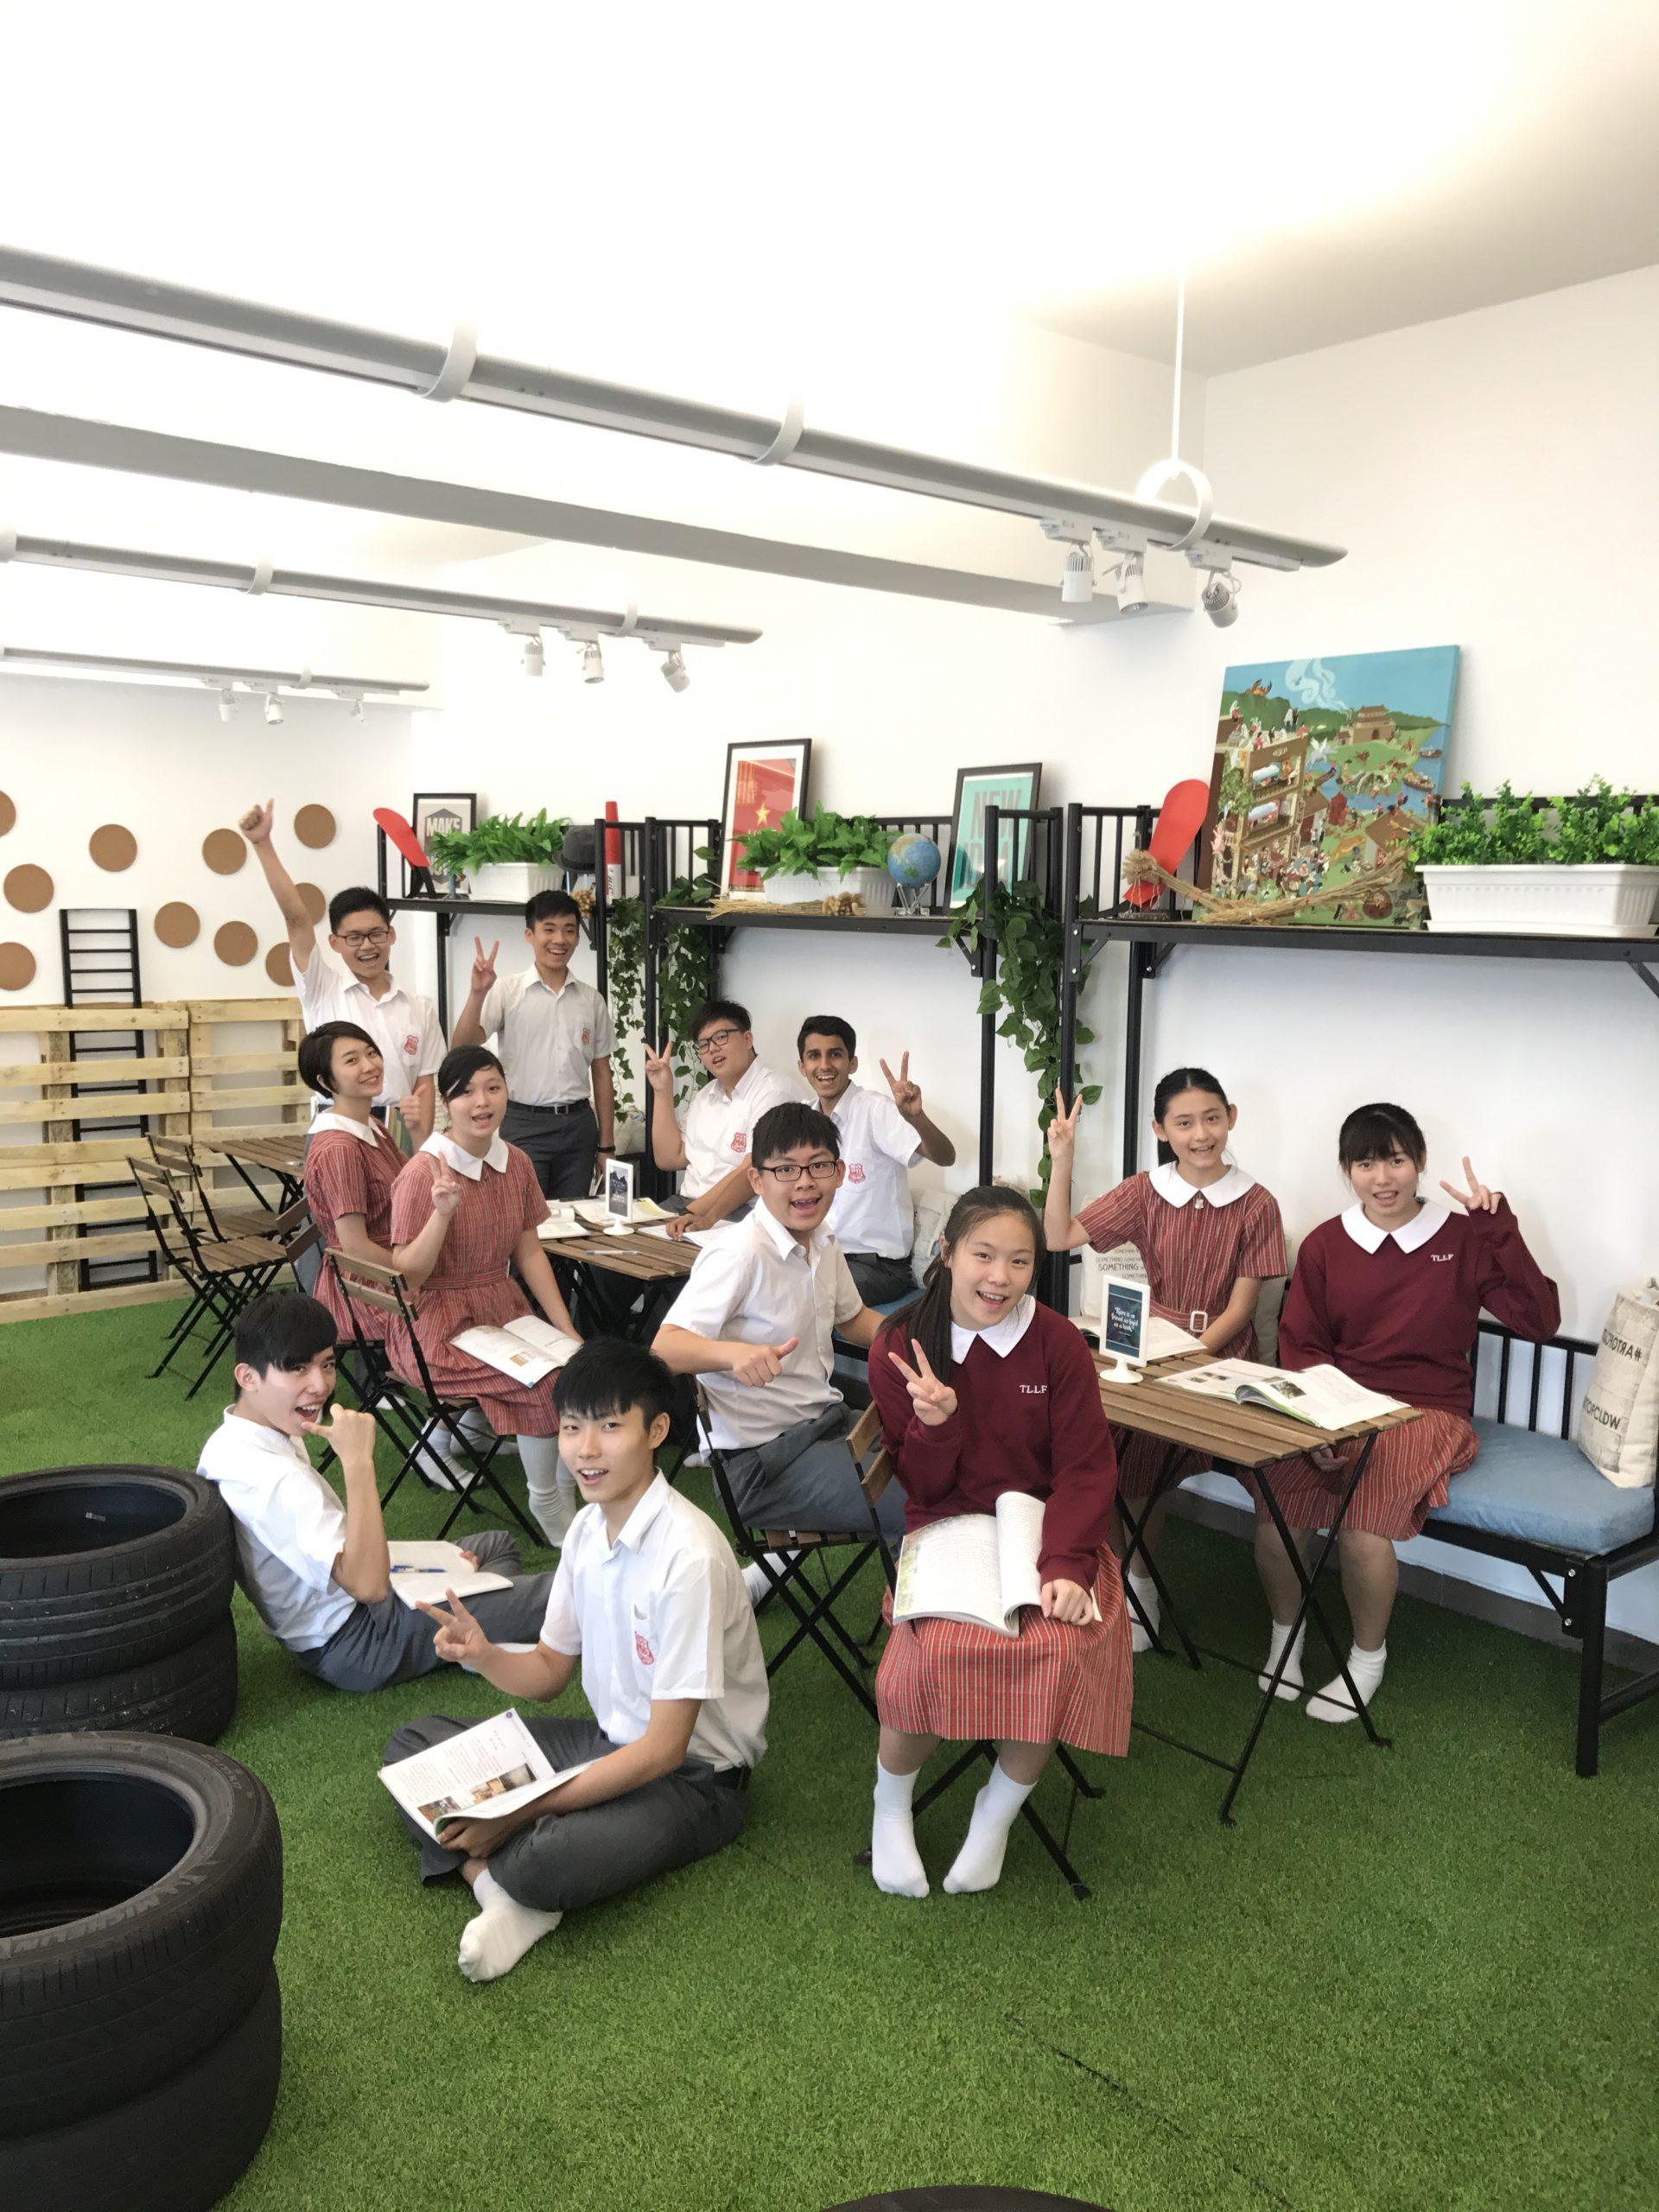 cosy and comfortable school designs 7